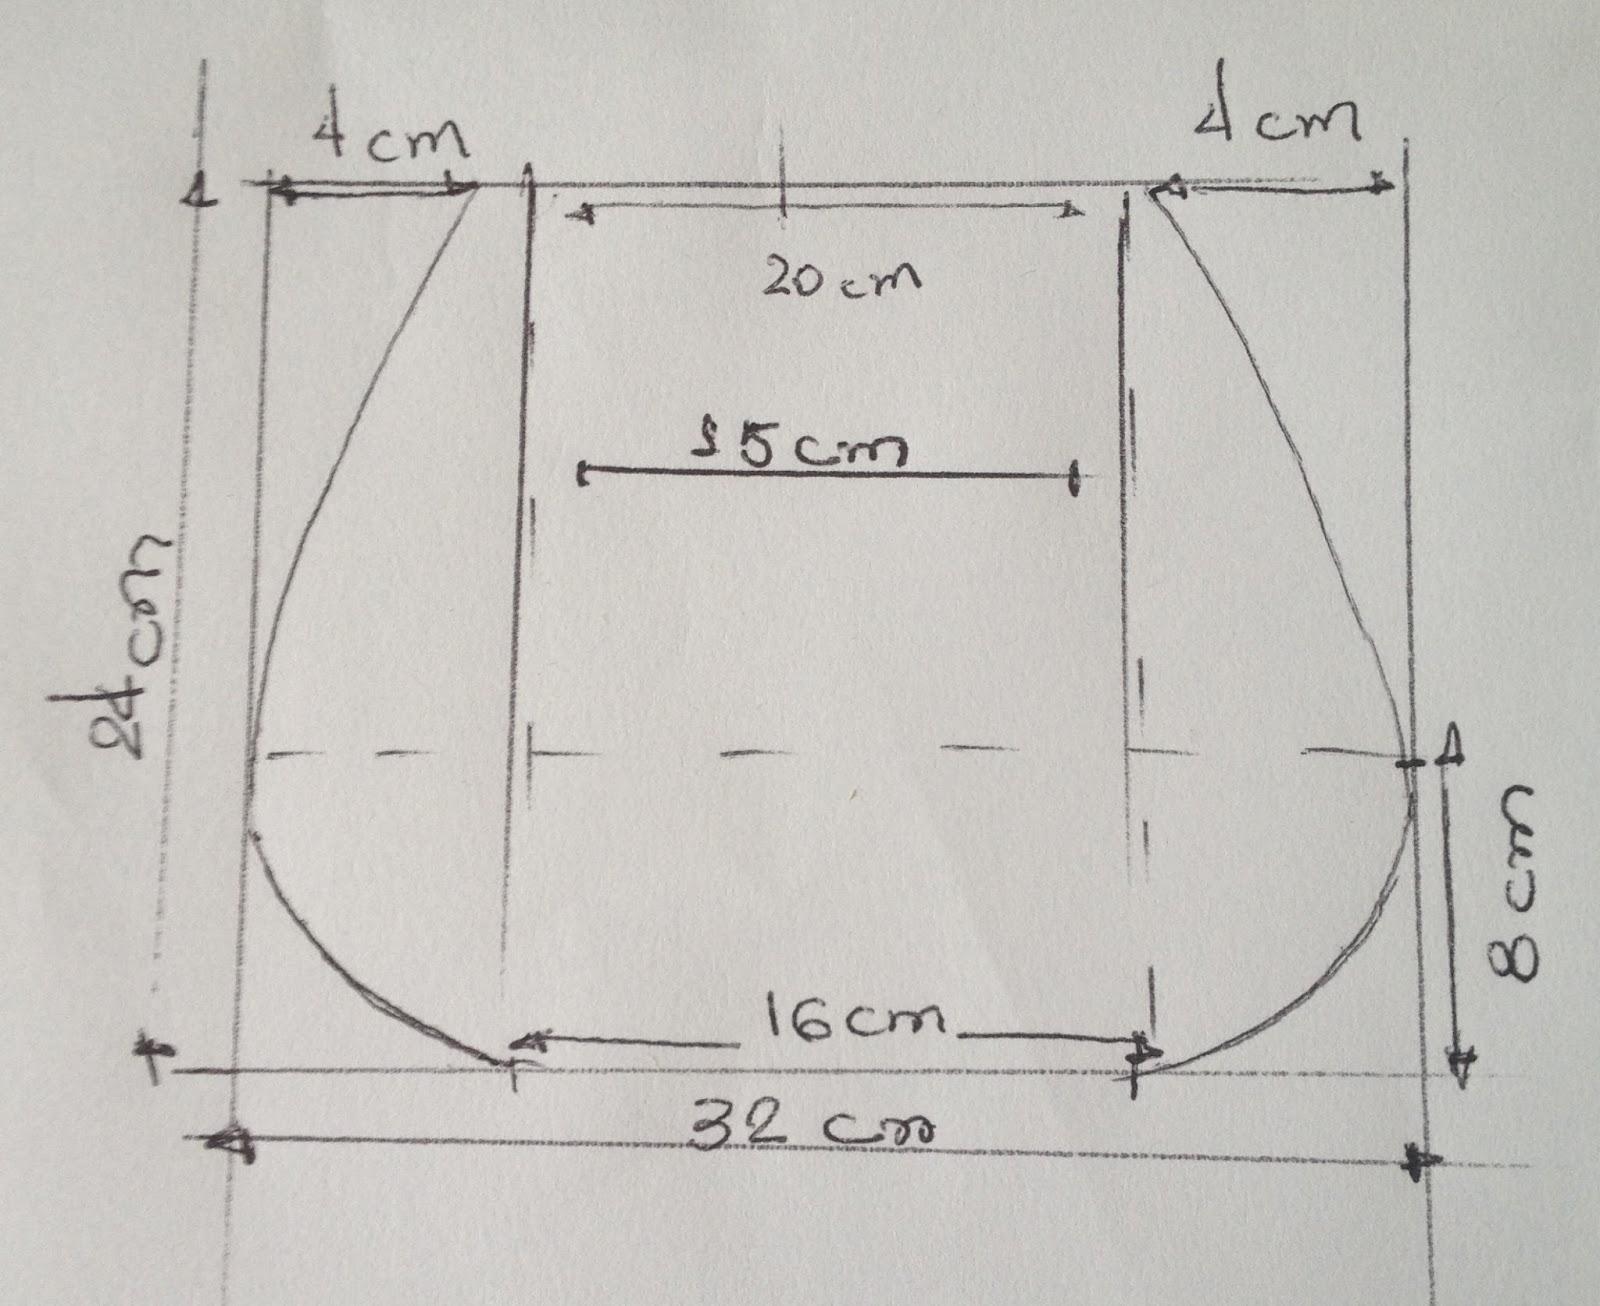 Bolsa De Tecido Passo A Passo Como Fazer : Passo a como fazer bolsa de tecido vivartesanato